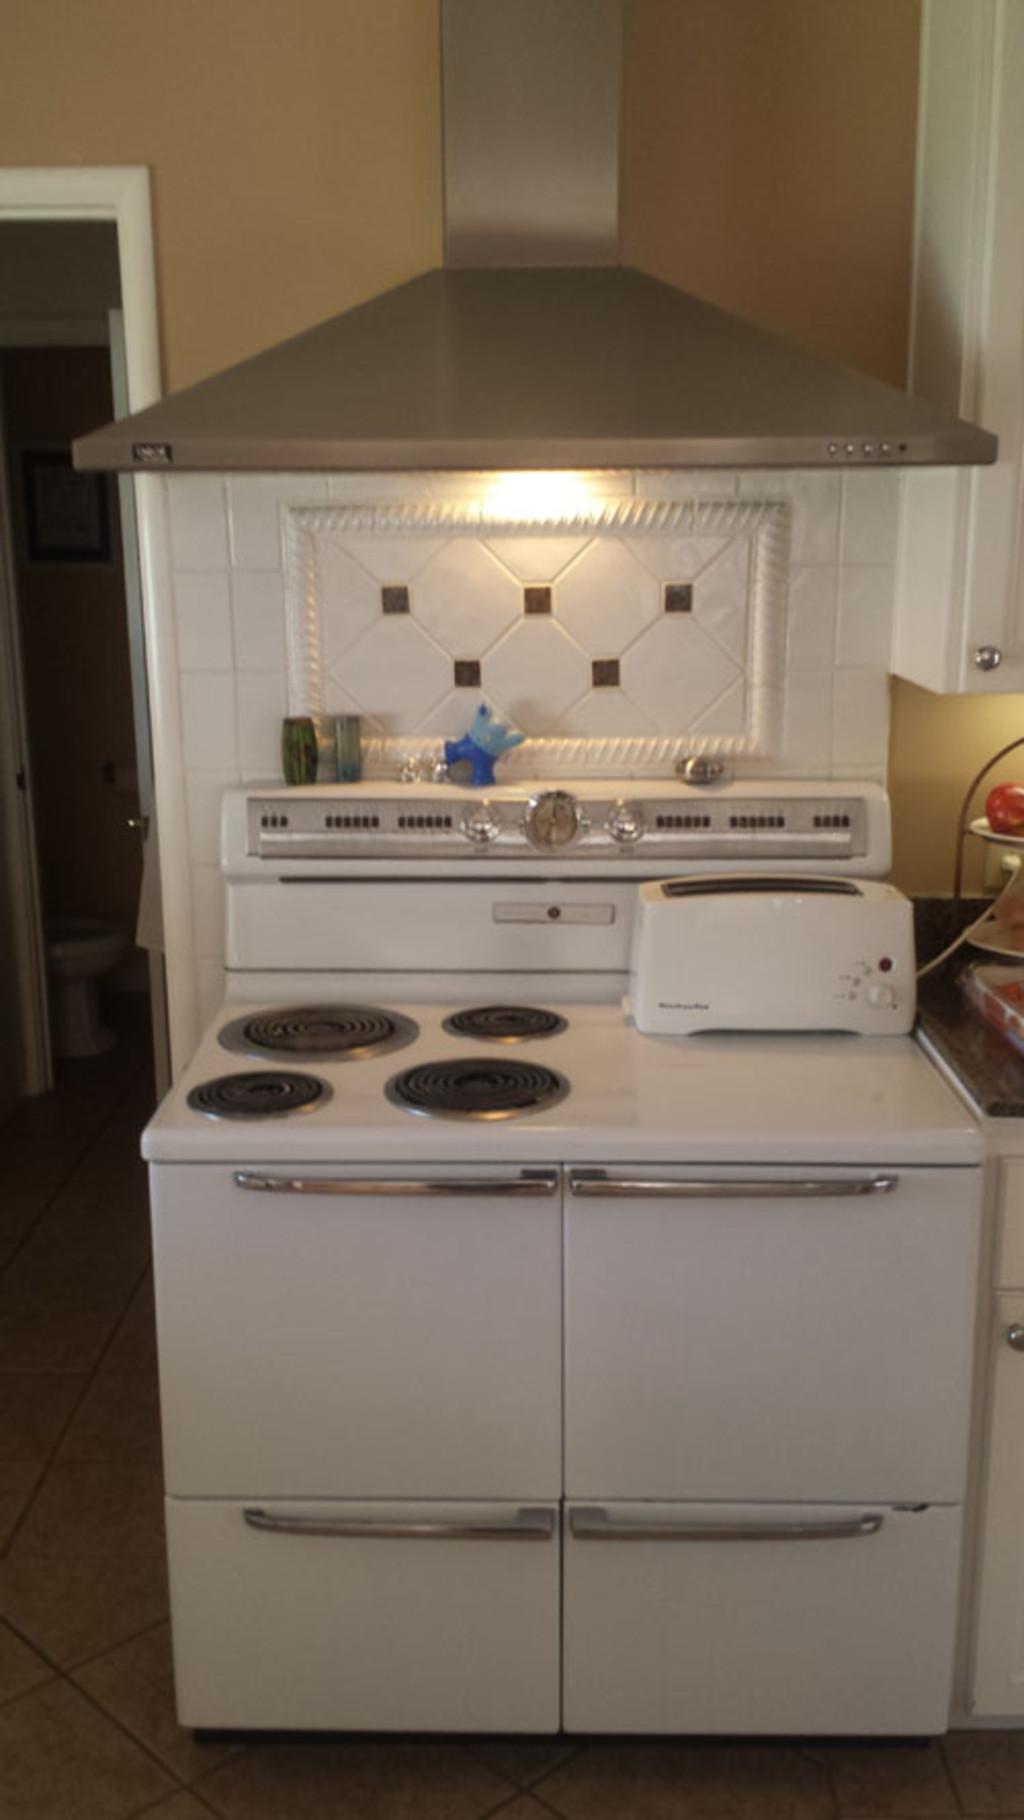 Oven Repair Aaa Home Appliance Repair San Jose Ca